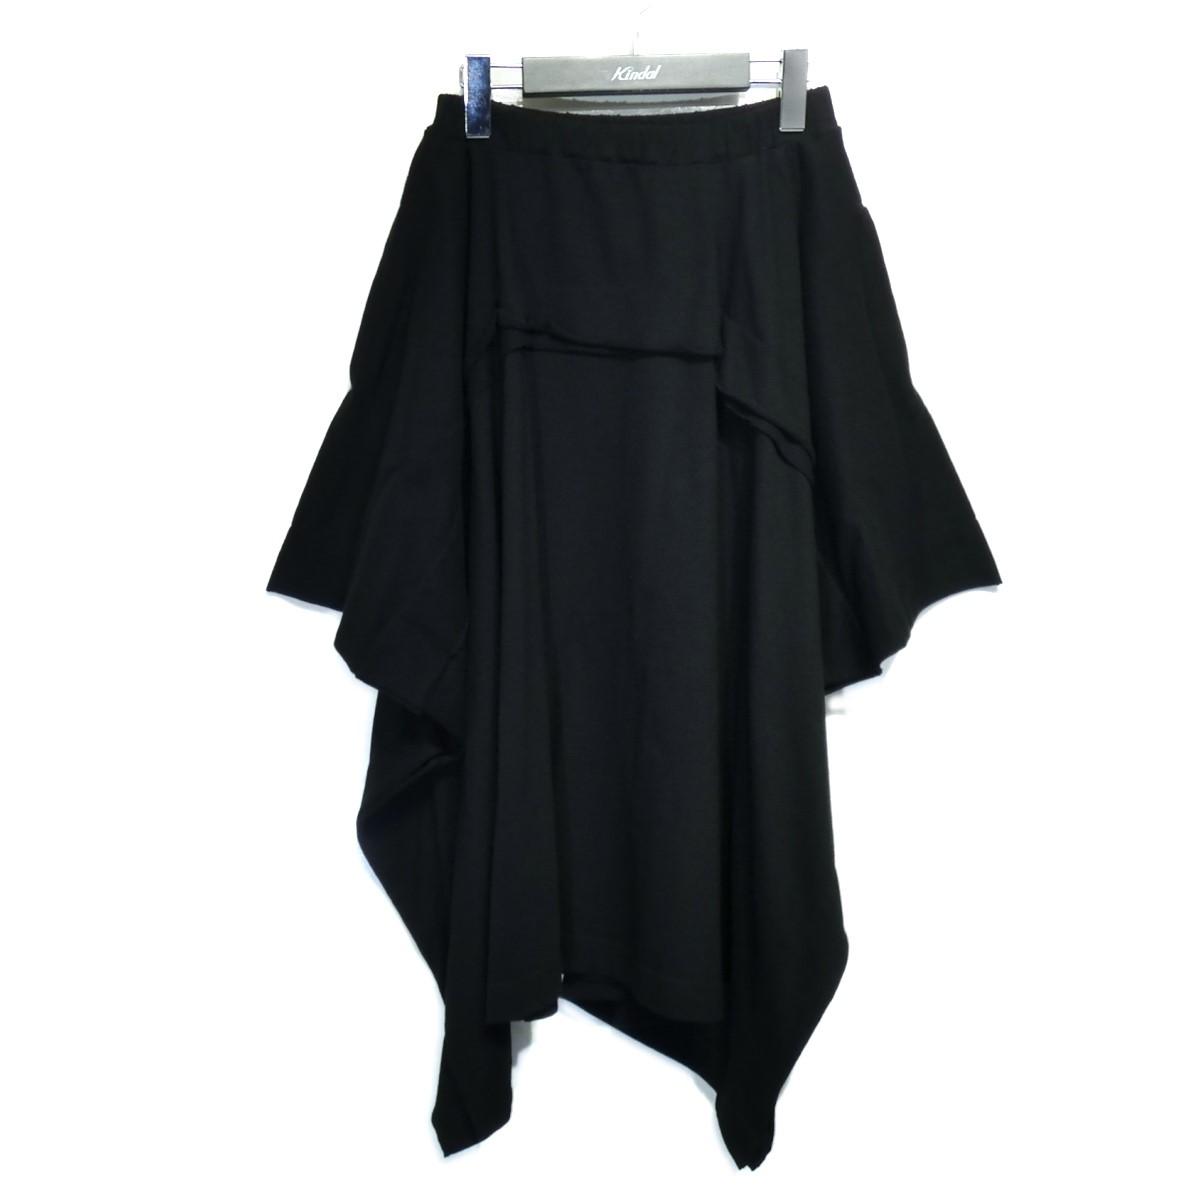 リミフゥ 【中古】LIMIfeu 「20/-C Plain Stitch Cut Out Design SKT」変形スカート ブラック サイズ:2 【110821】(リミフゥ)